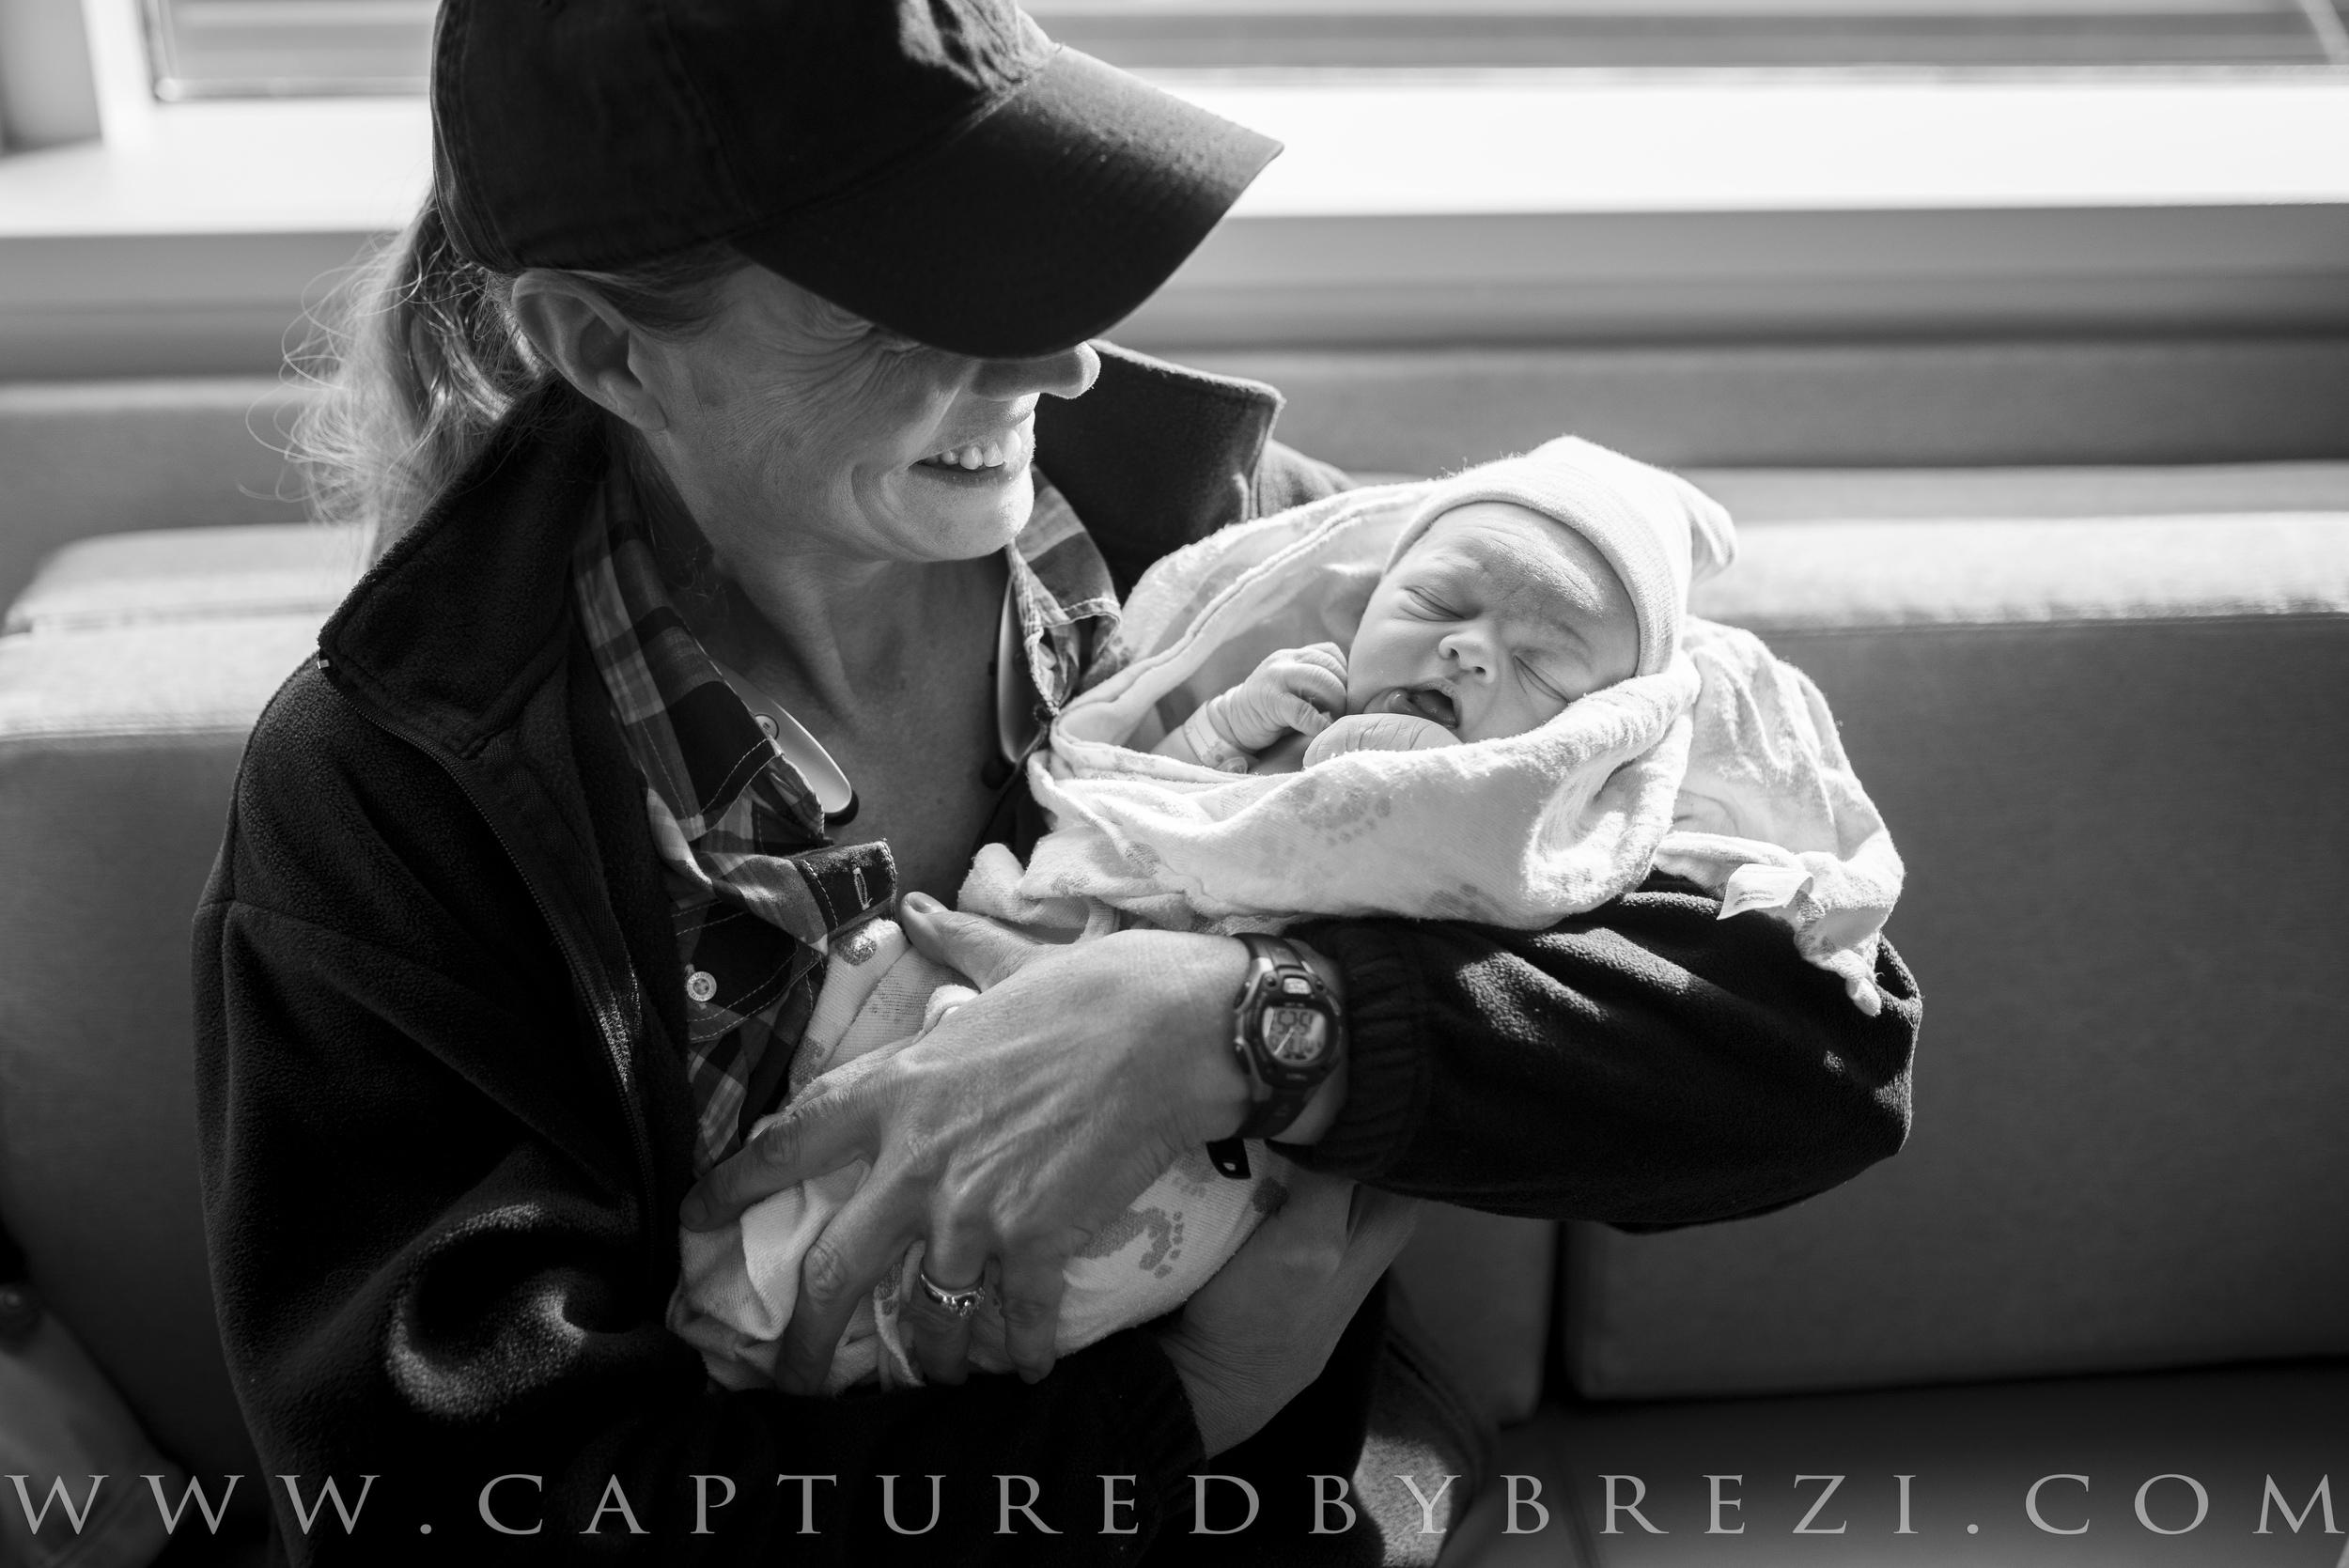 Colorado Springs birth photography, colorado springs birth photographer, denver birth photography, denver birth photographer